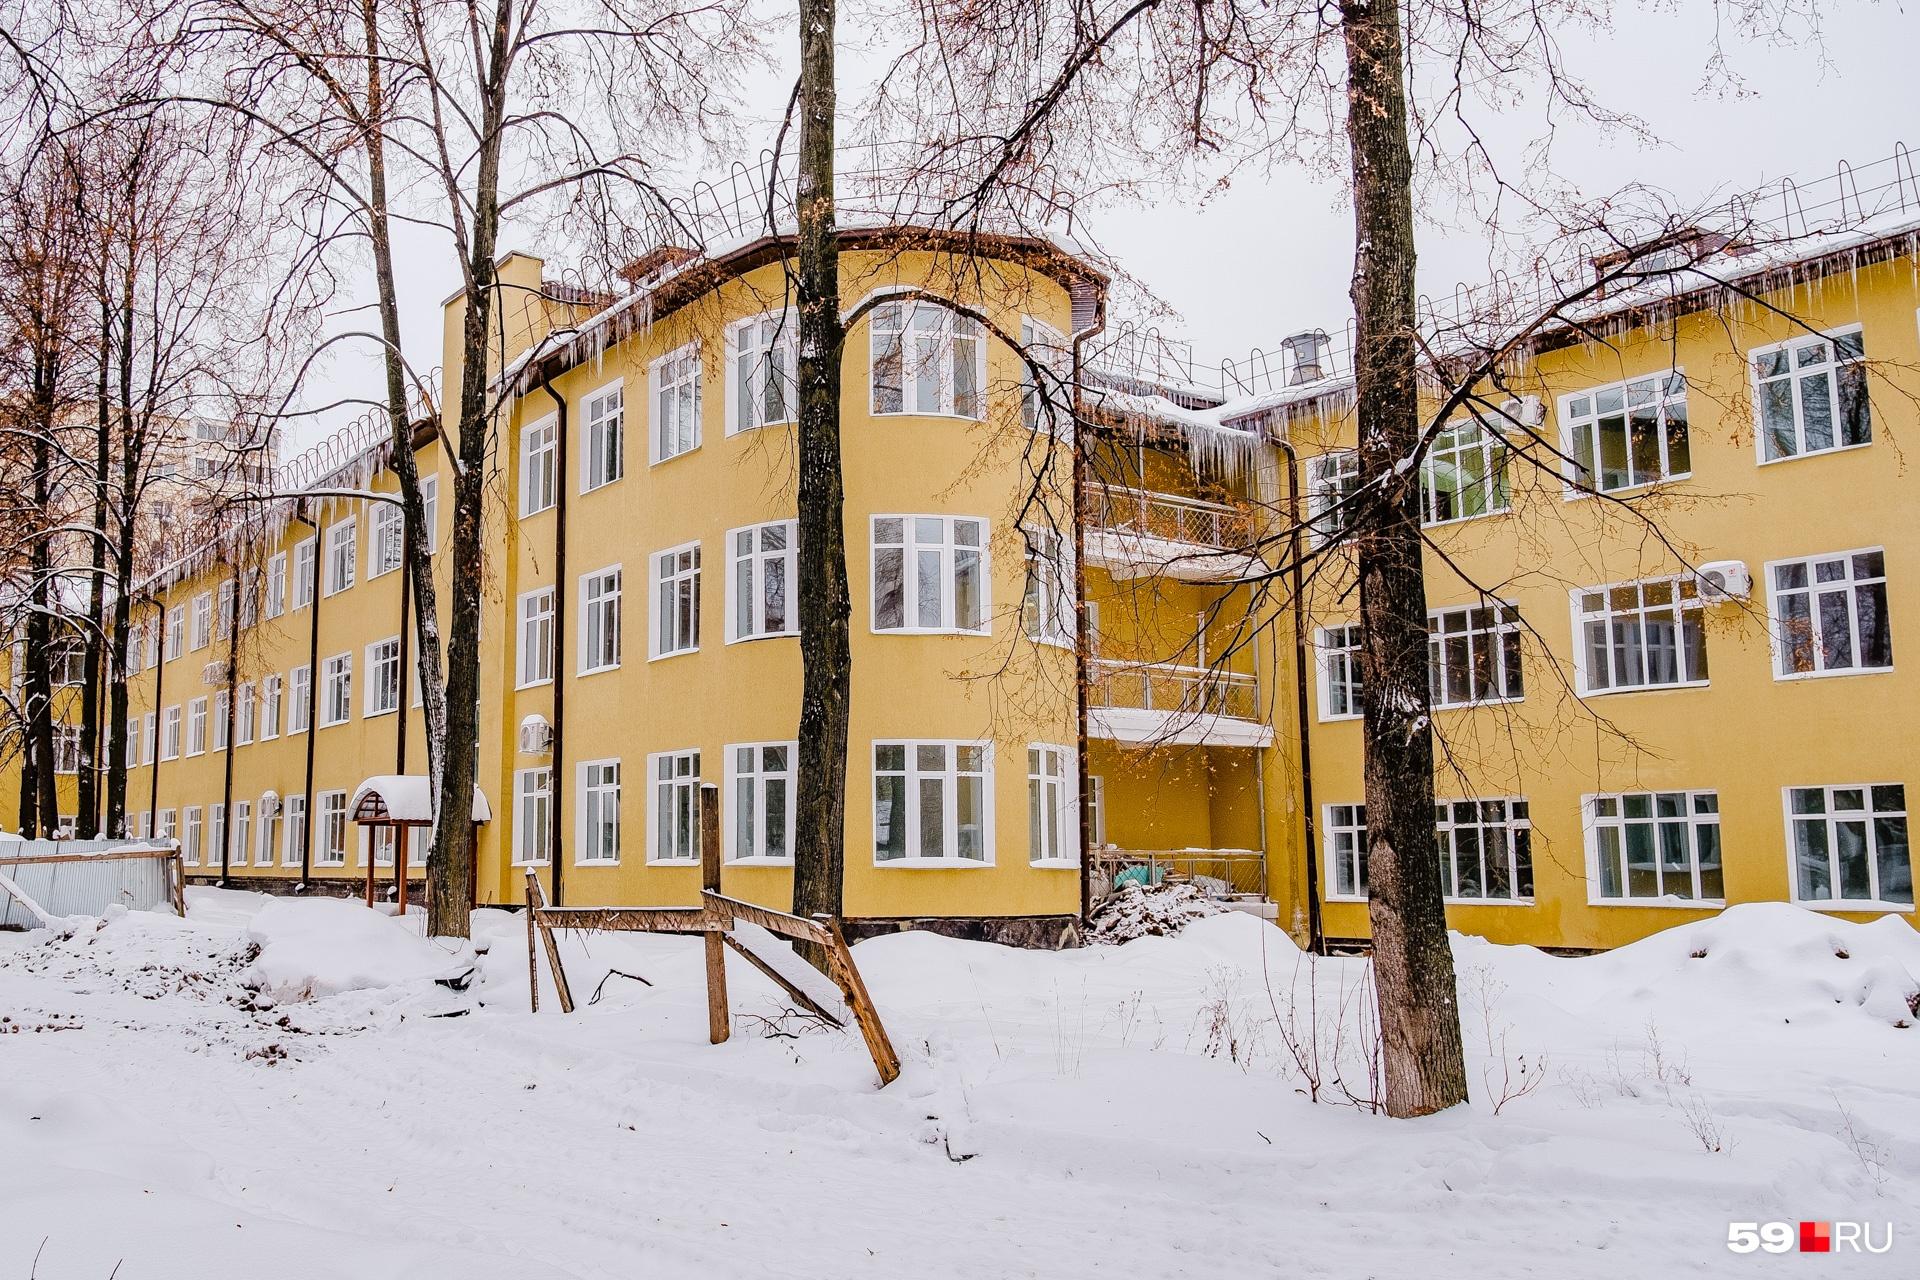 Одно из зданий больницы на Грачева построено в стиле конструктивизма